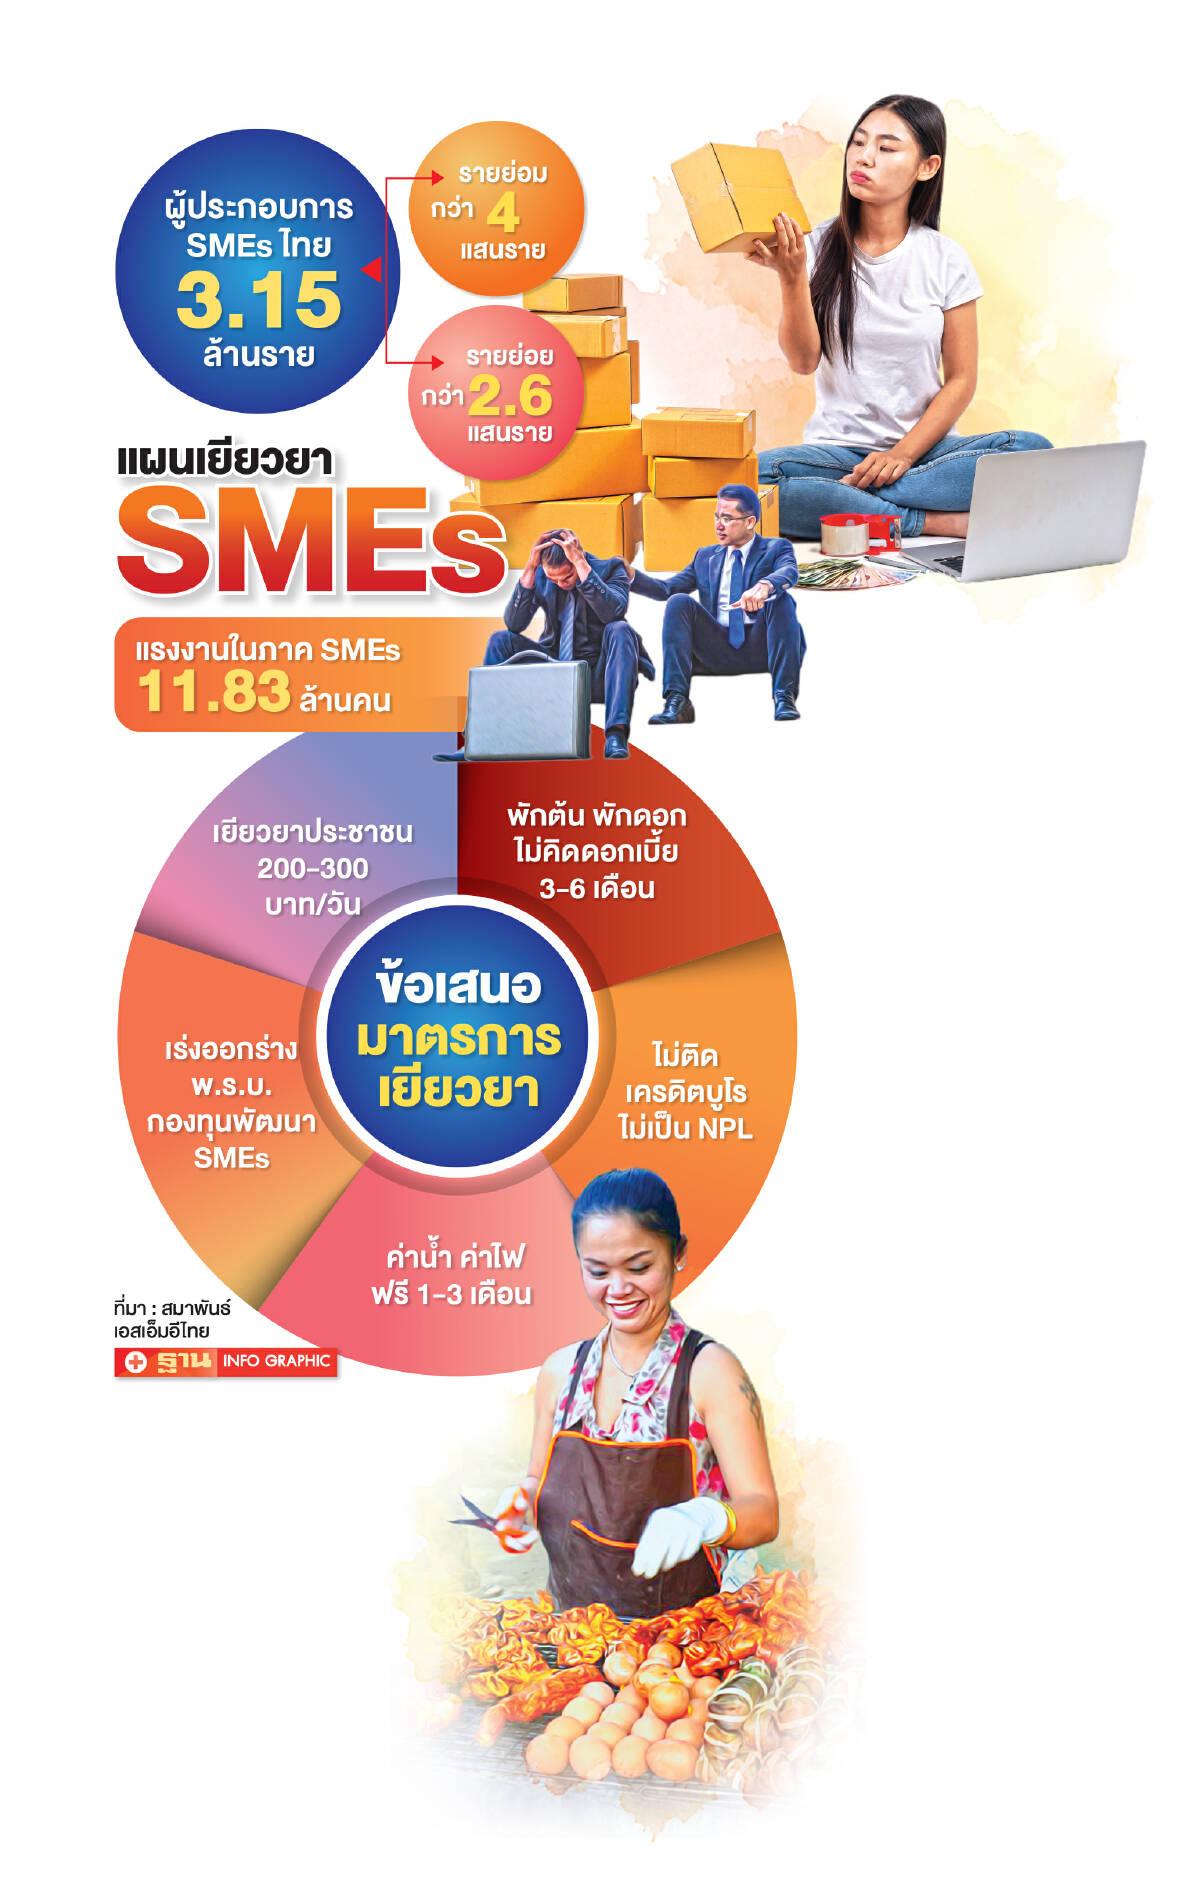 มาตรการเยียวยา 'ล็อกดาวน์' ไร้แรงดันผู้ประกอบการ 'SMEs' ฟื้น